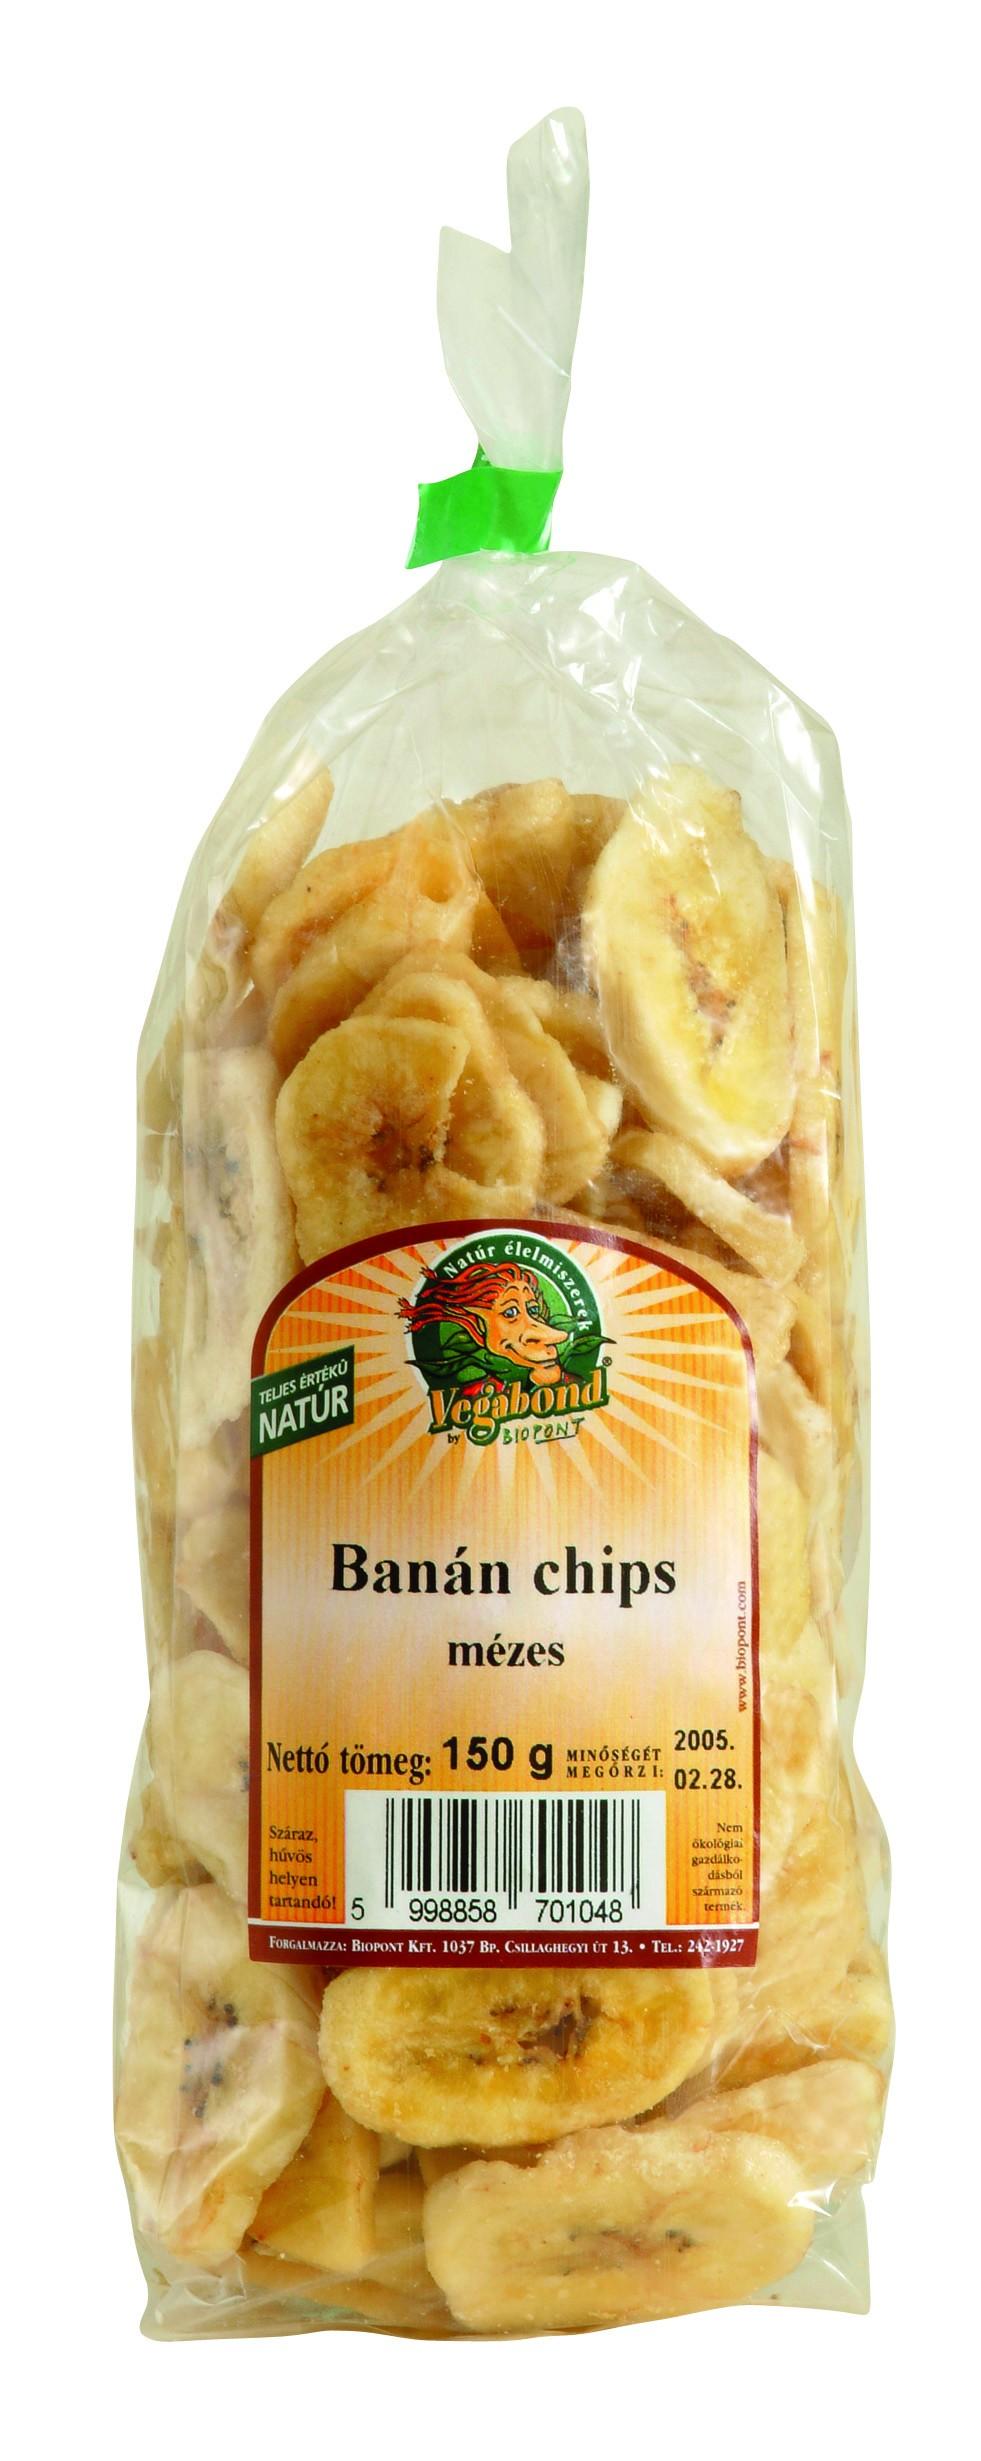 Banán chips, mézes